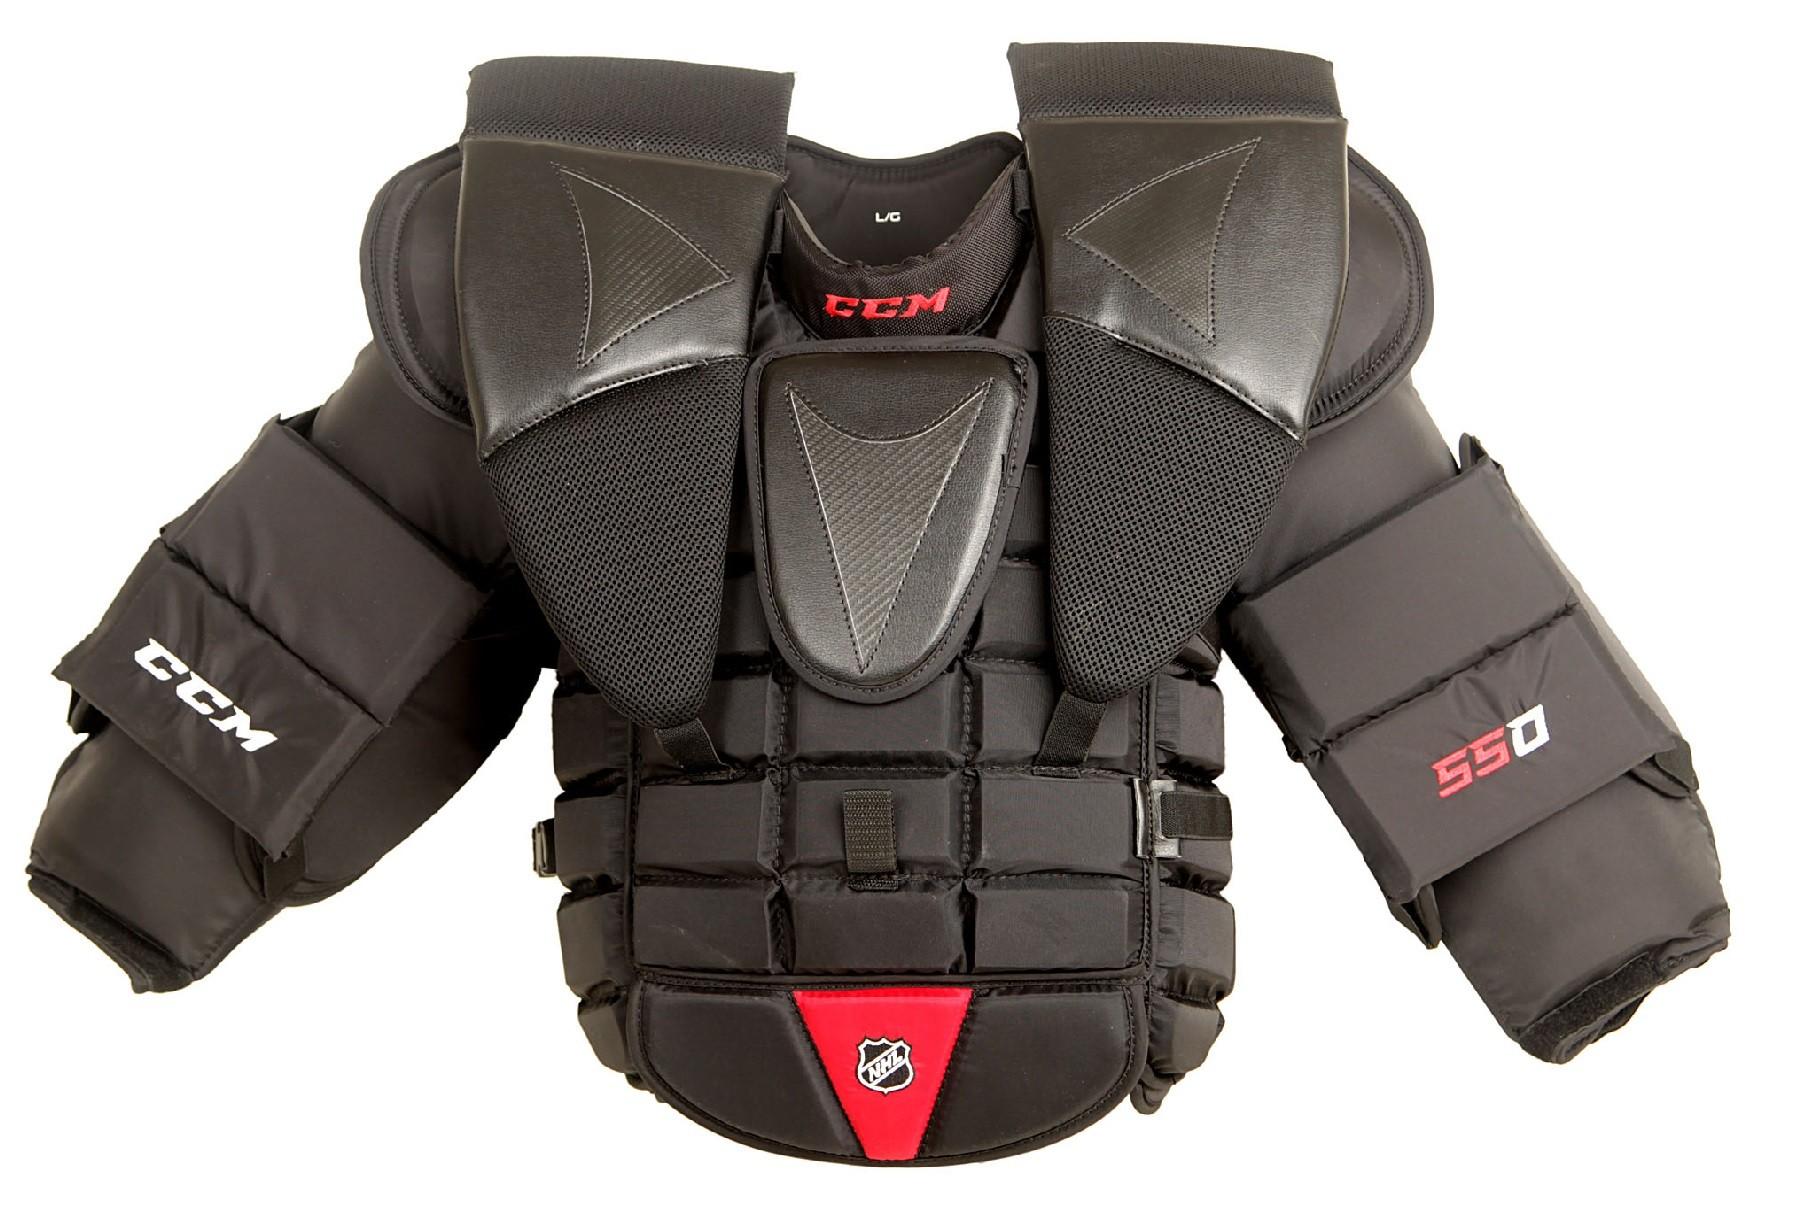 CCM 550 Senior Goalie Chest & Arm Protector